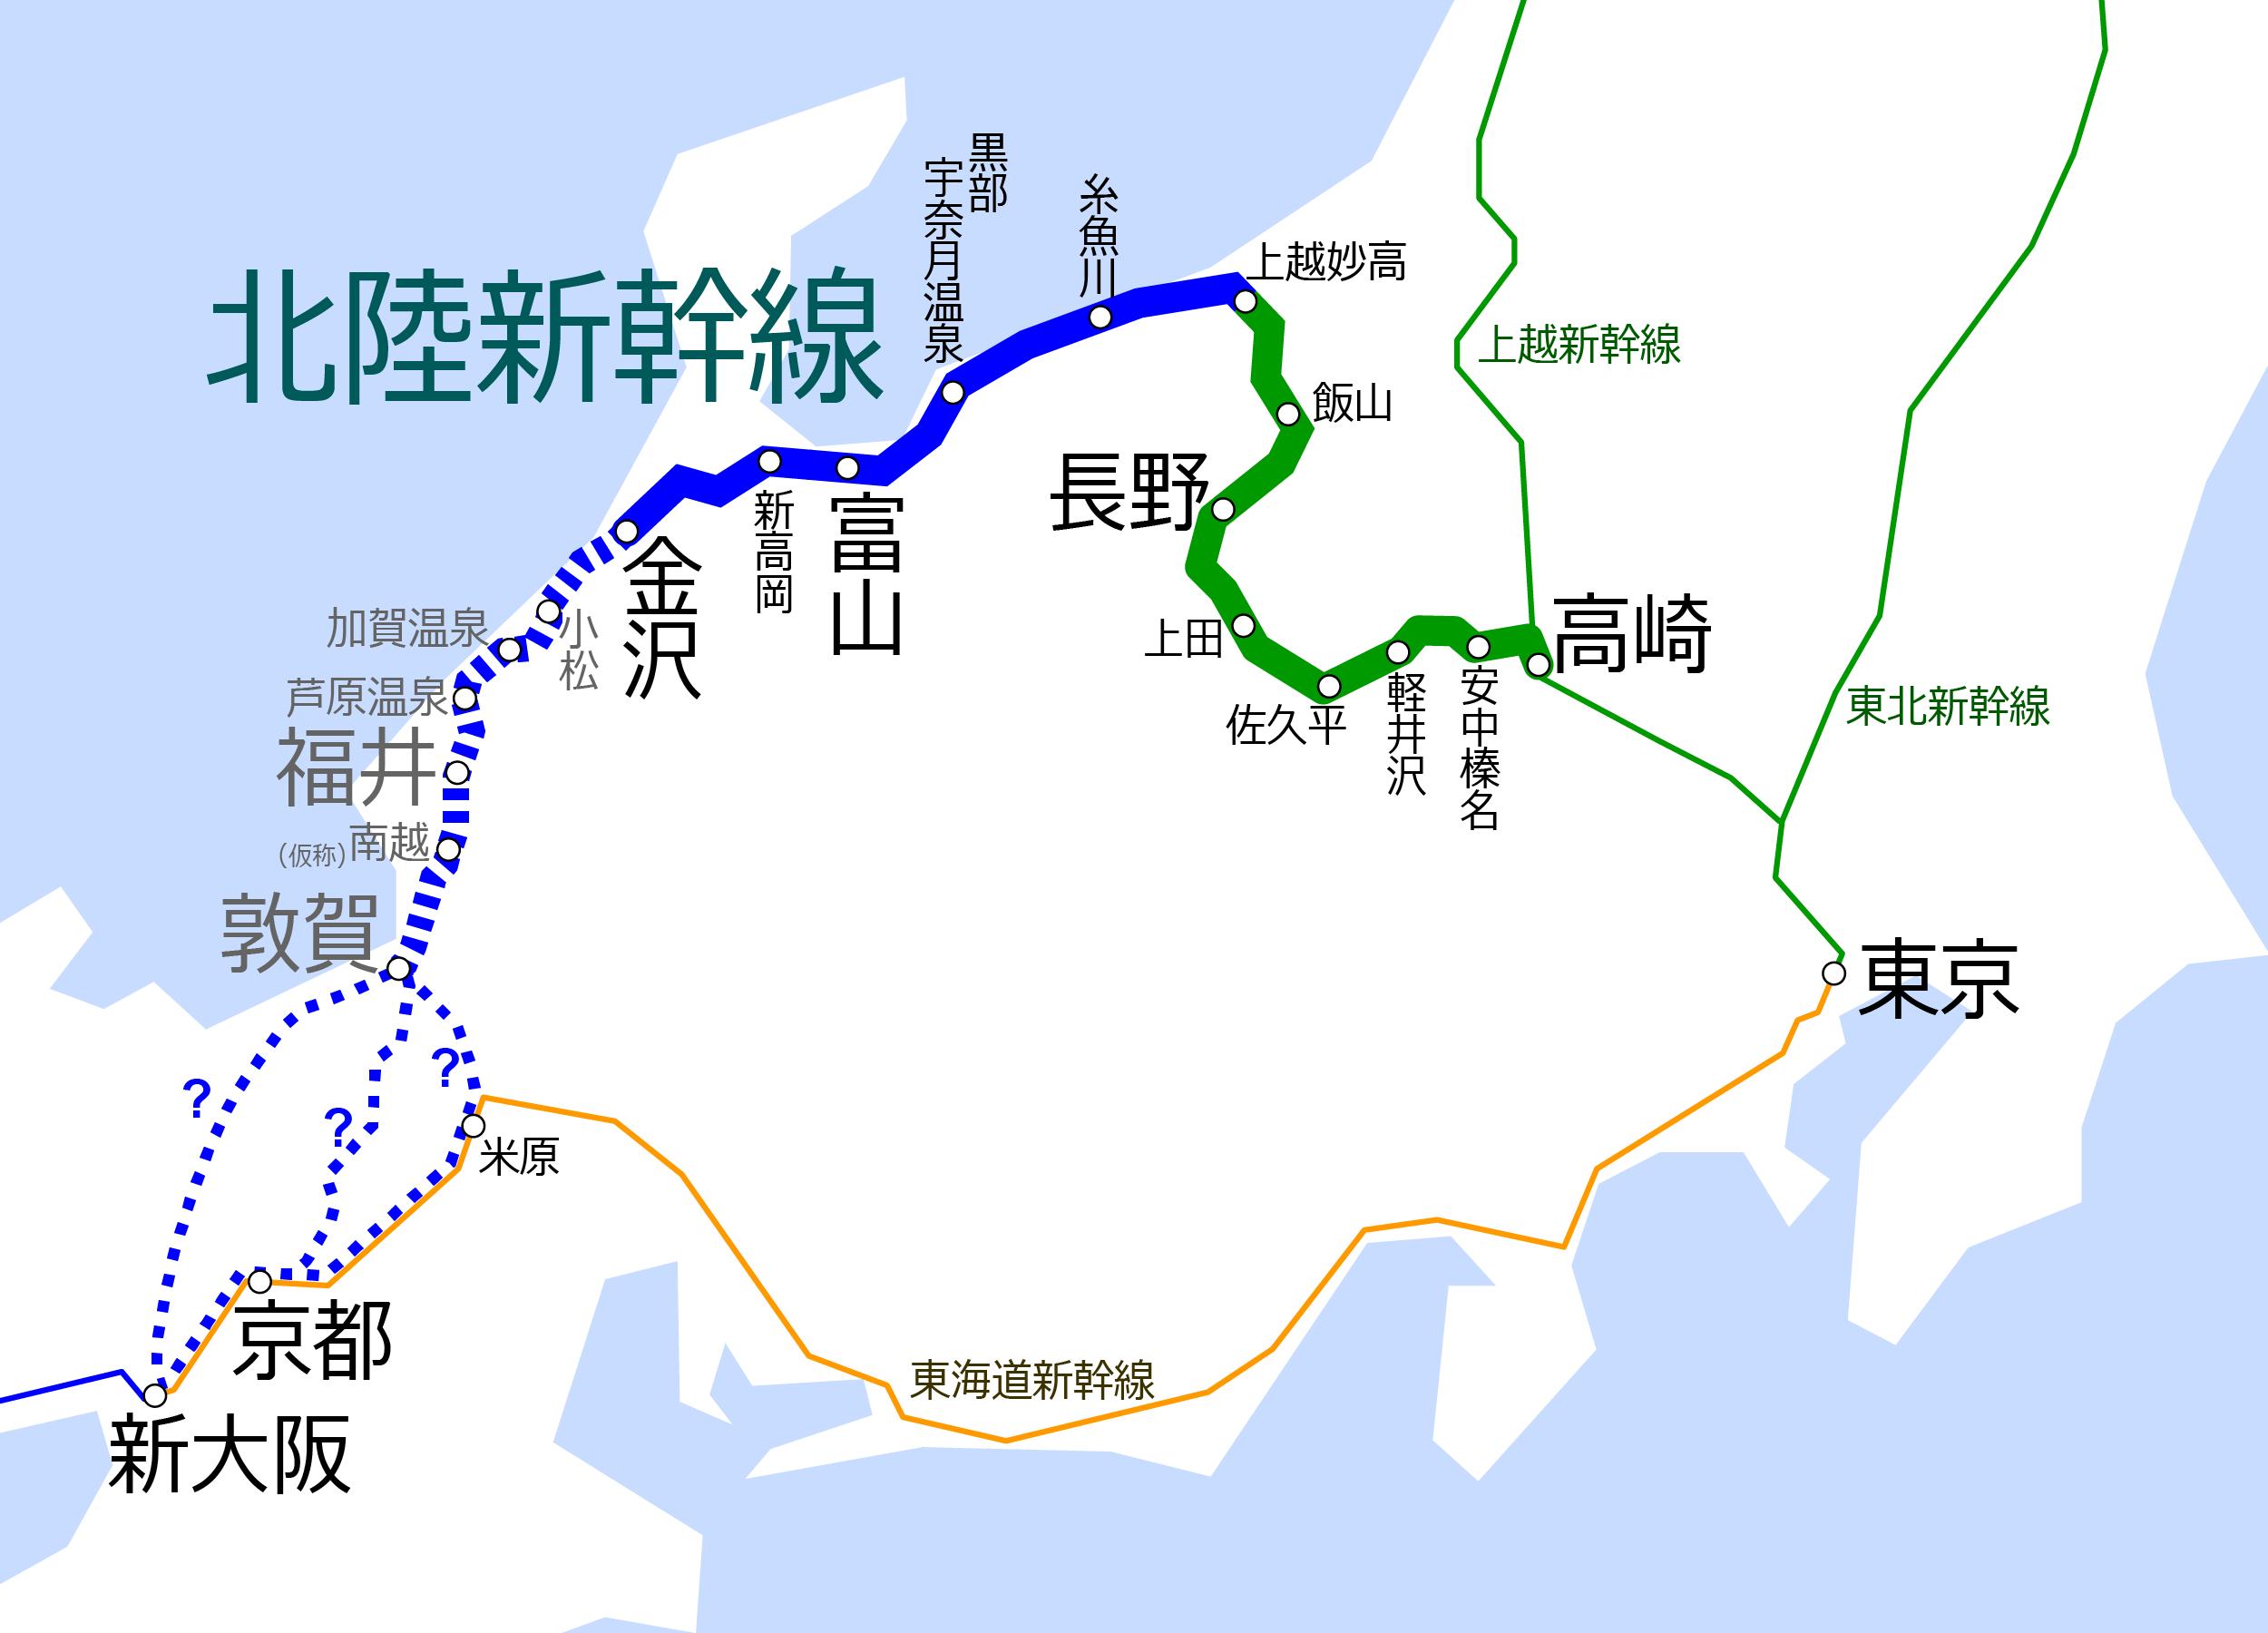 東海道新幹線 | 東京大阪.com